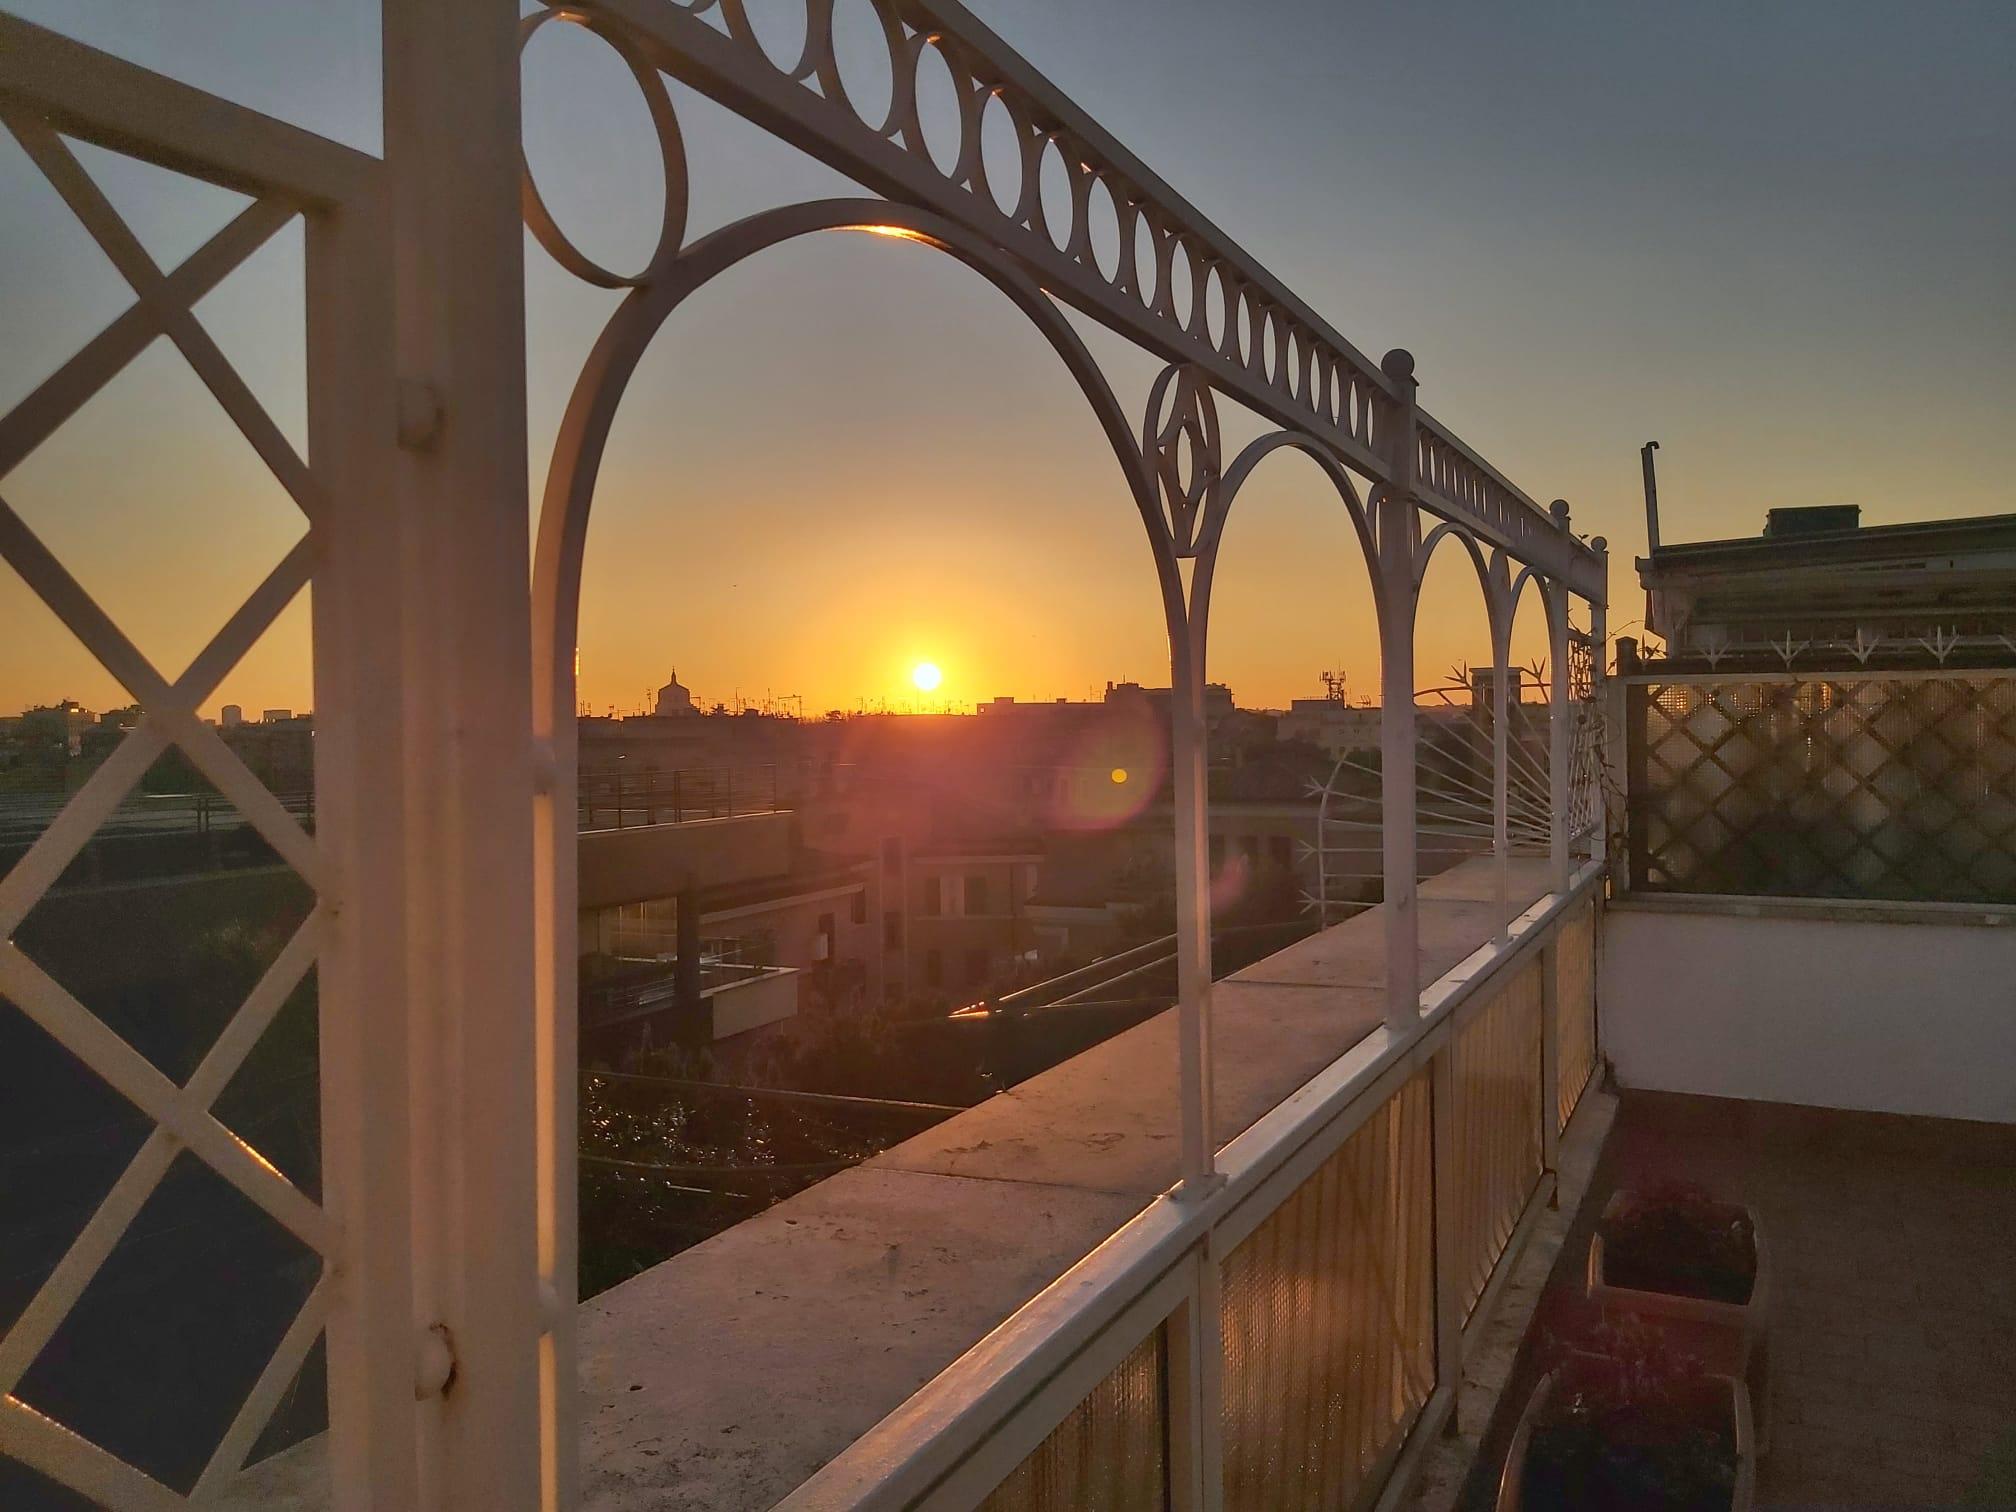 Attico con terrazza panoramica - Garbatella